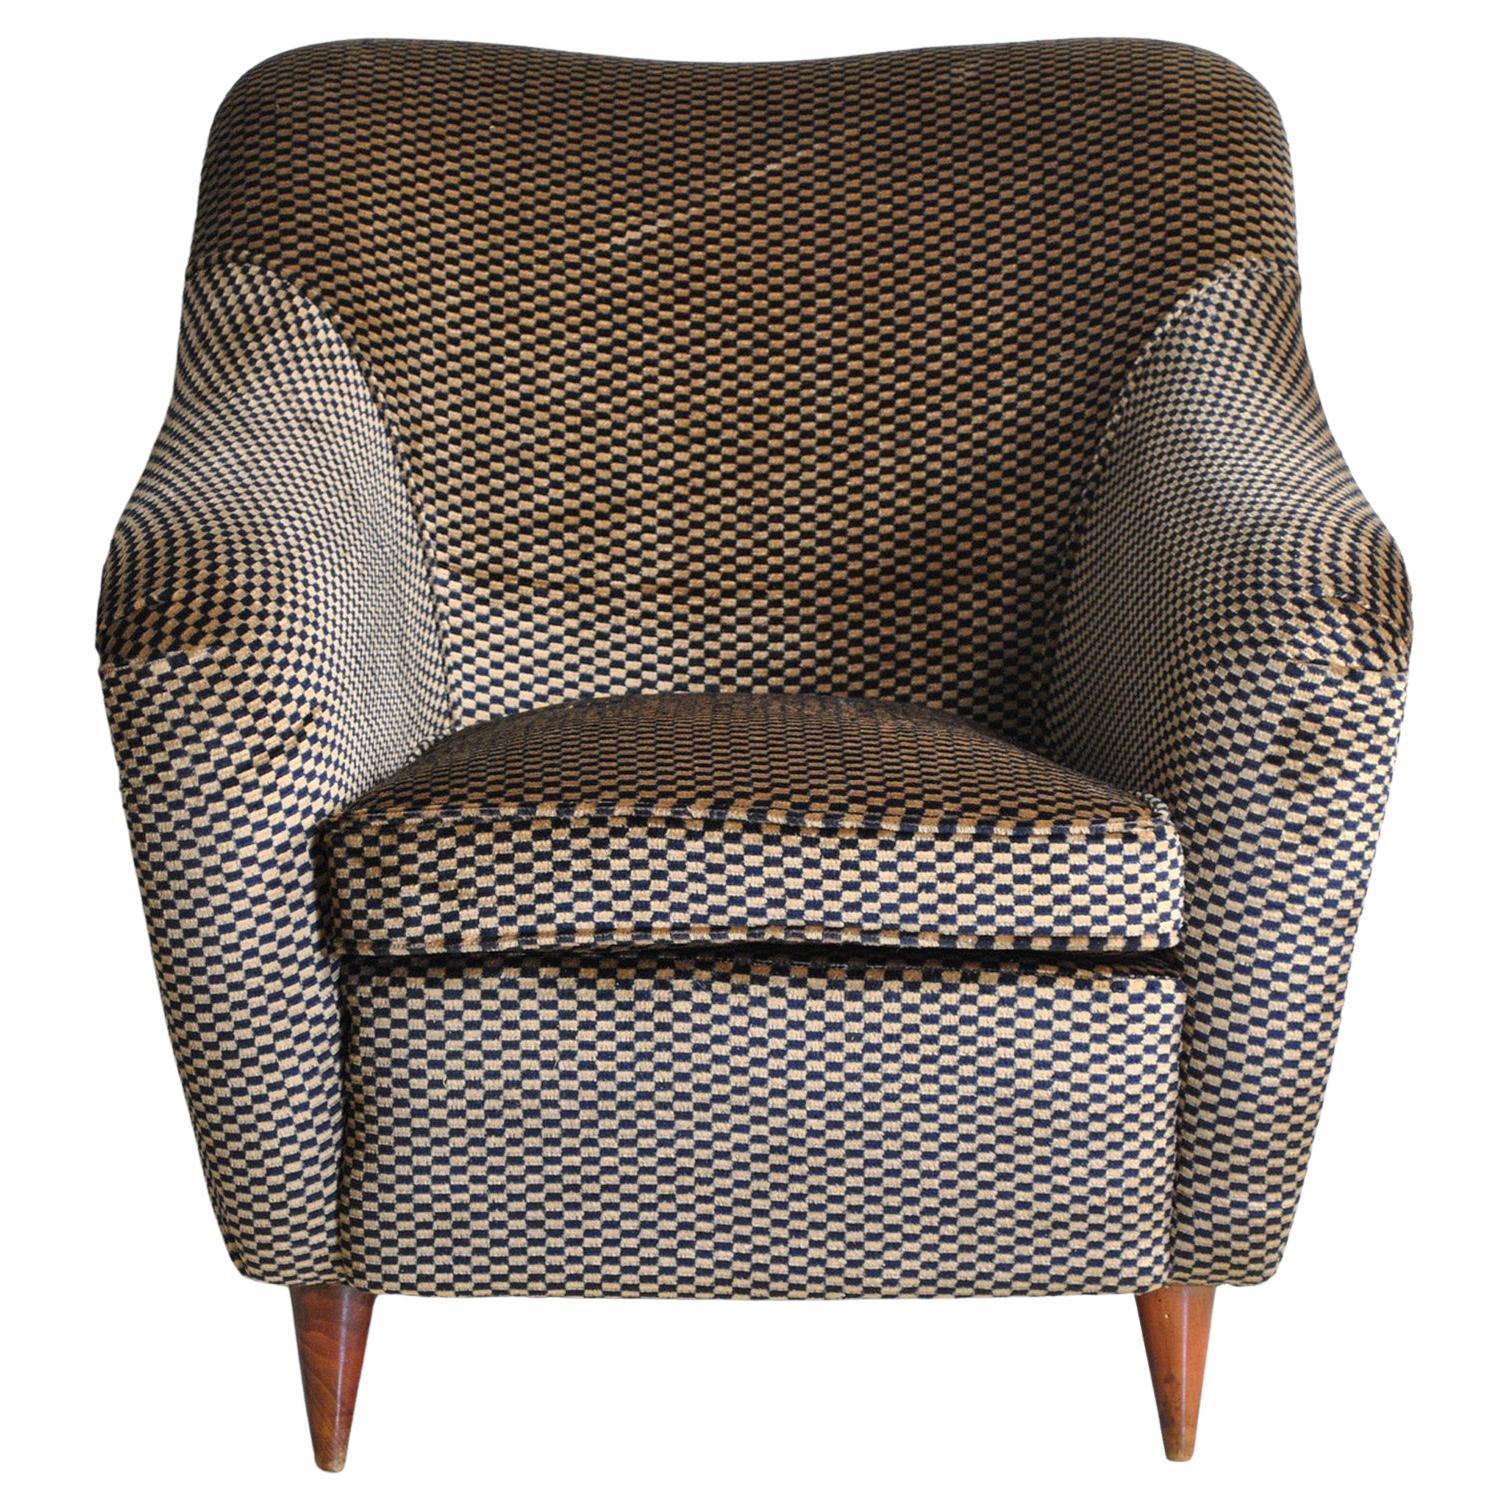 Gio Ponti 40s Casa e Giardino armchair